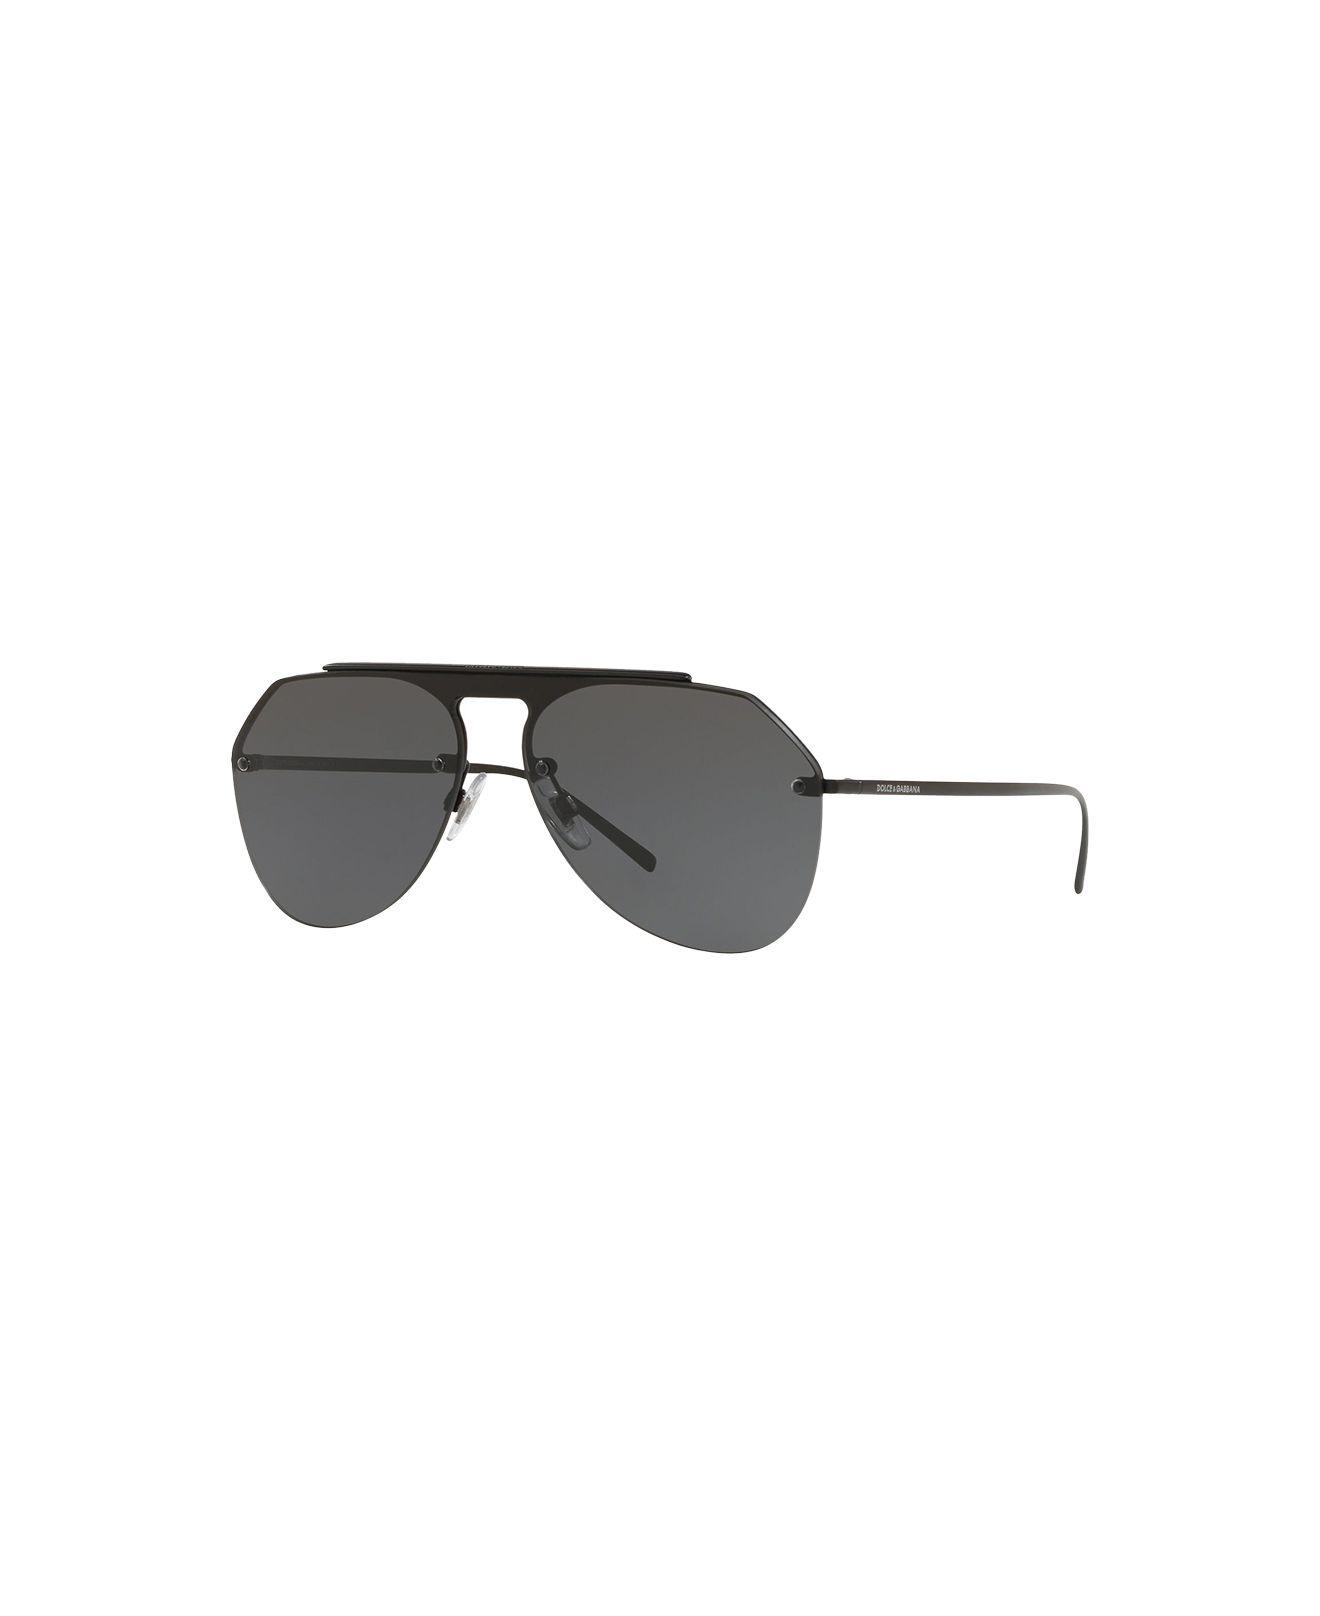 d0b96da9f97 Dolce   Gabbana. Men s Gray Sunglasses ...